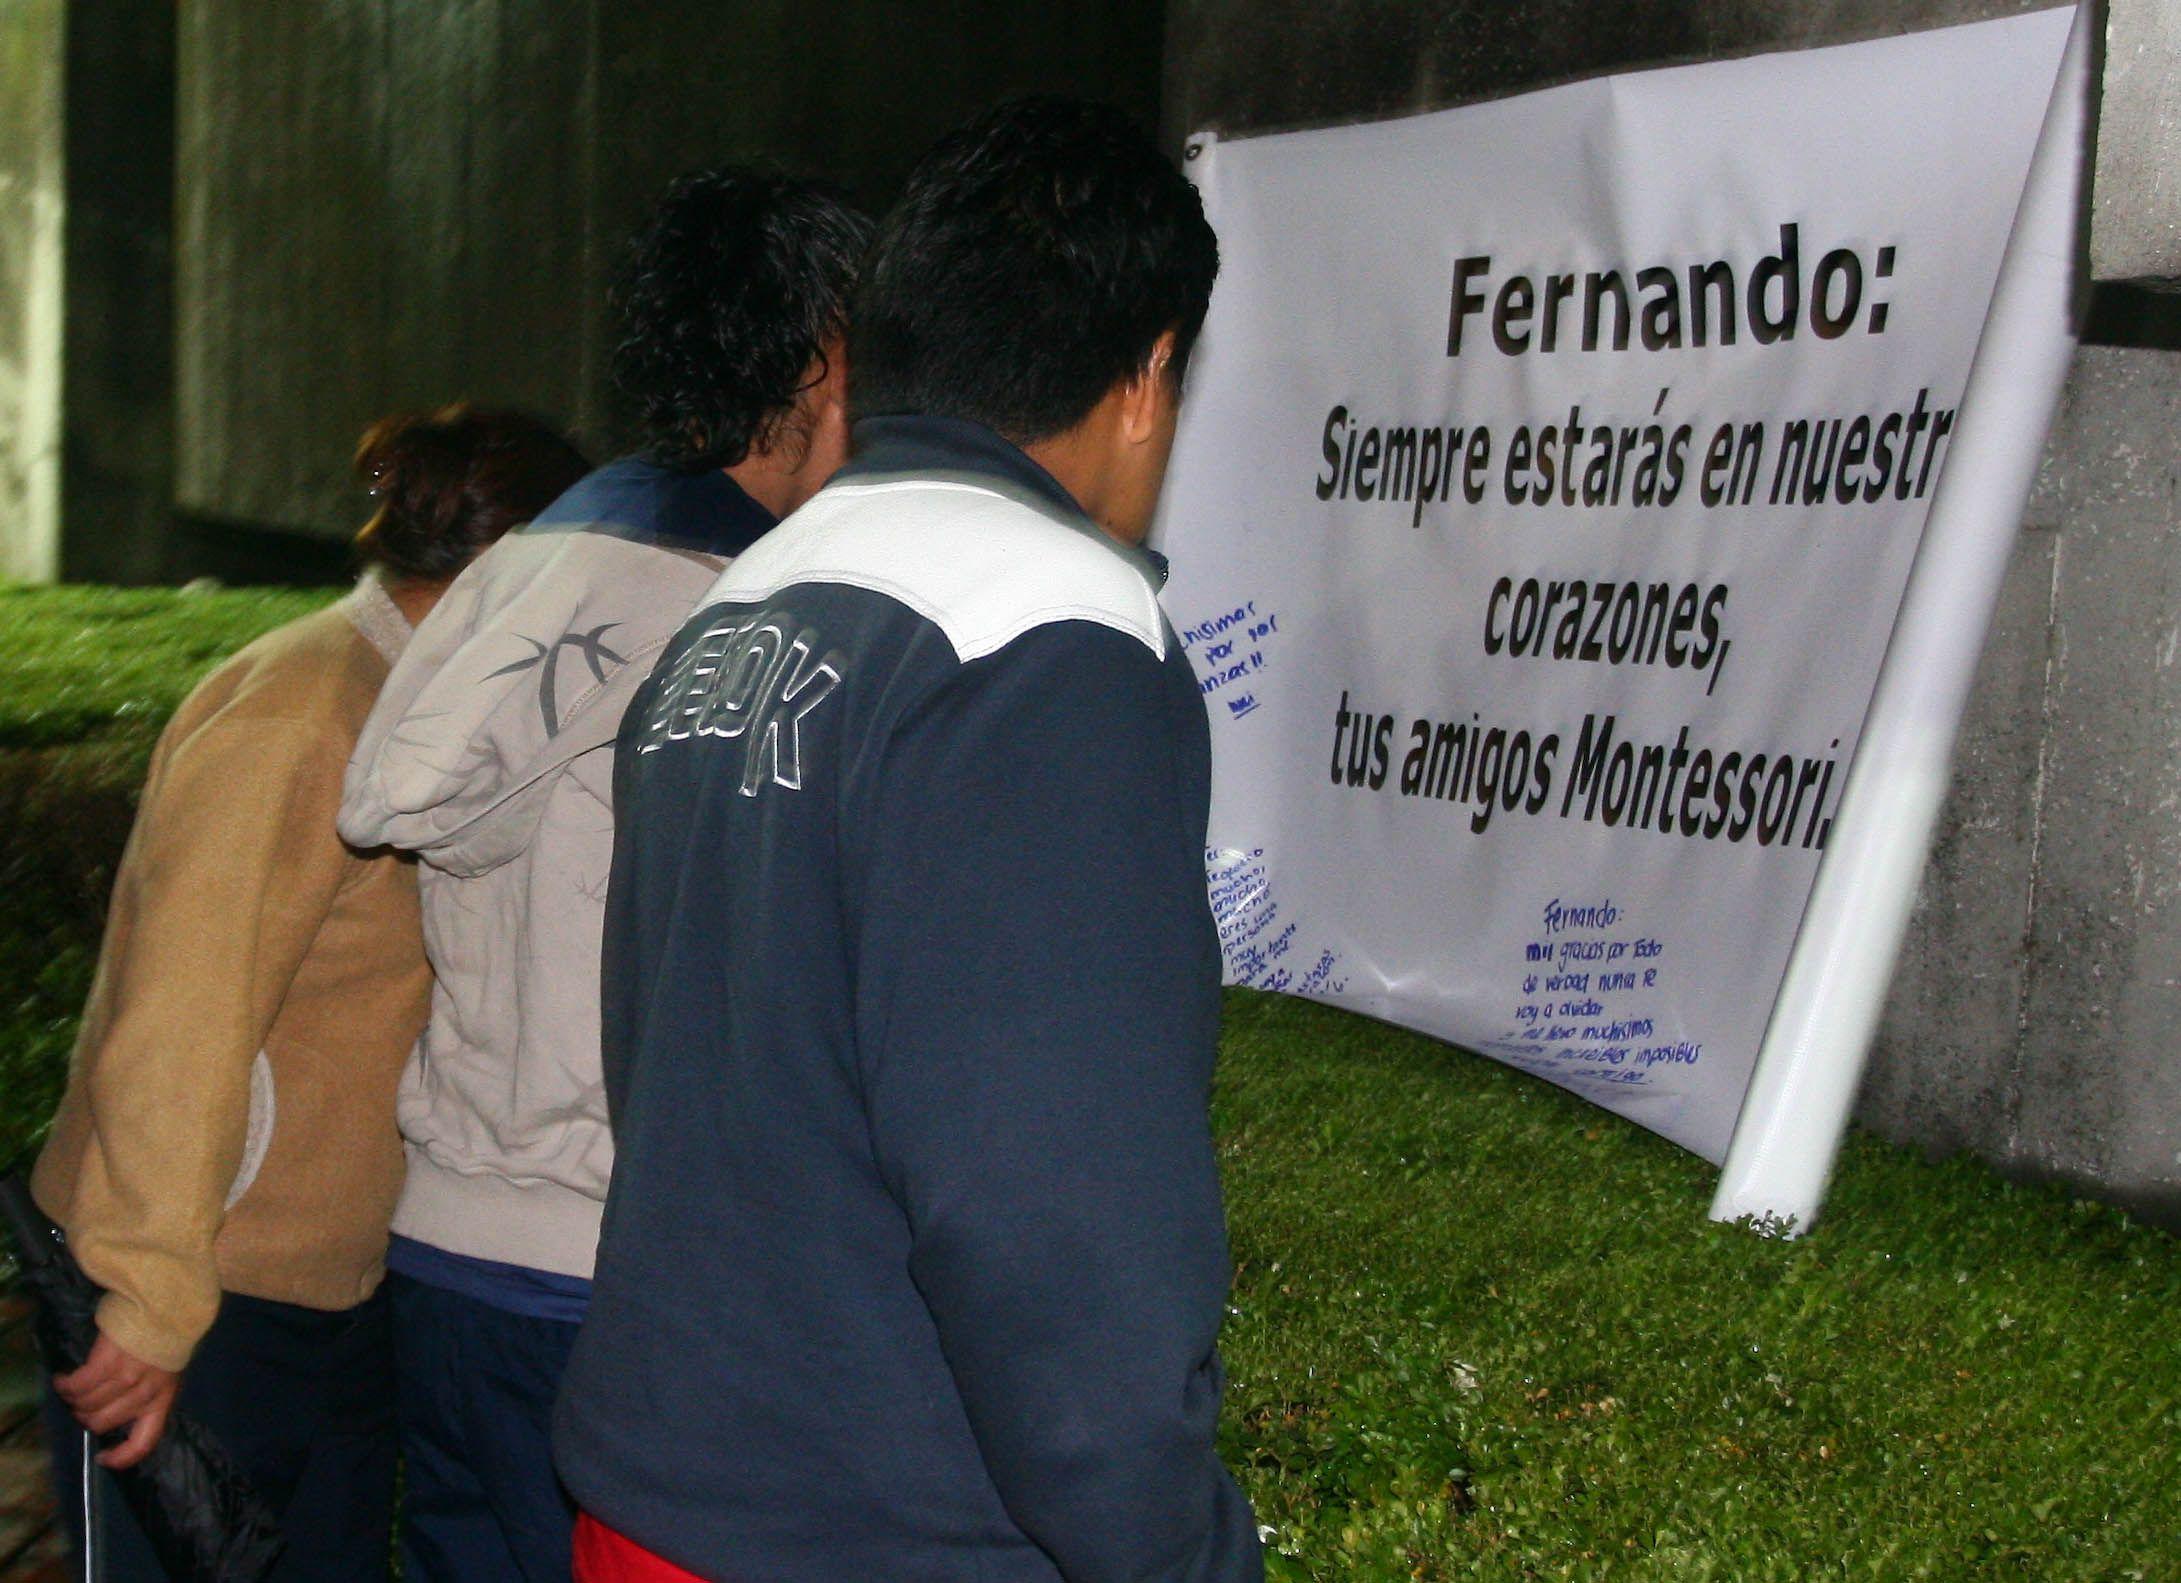 El joven Alejandro Martí fue plagiado el 4 de junio de 2008 cuando se dirigía a la secundaria (Foto: Cuartoscuro)